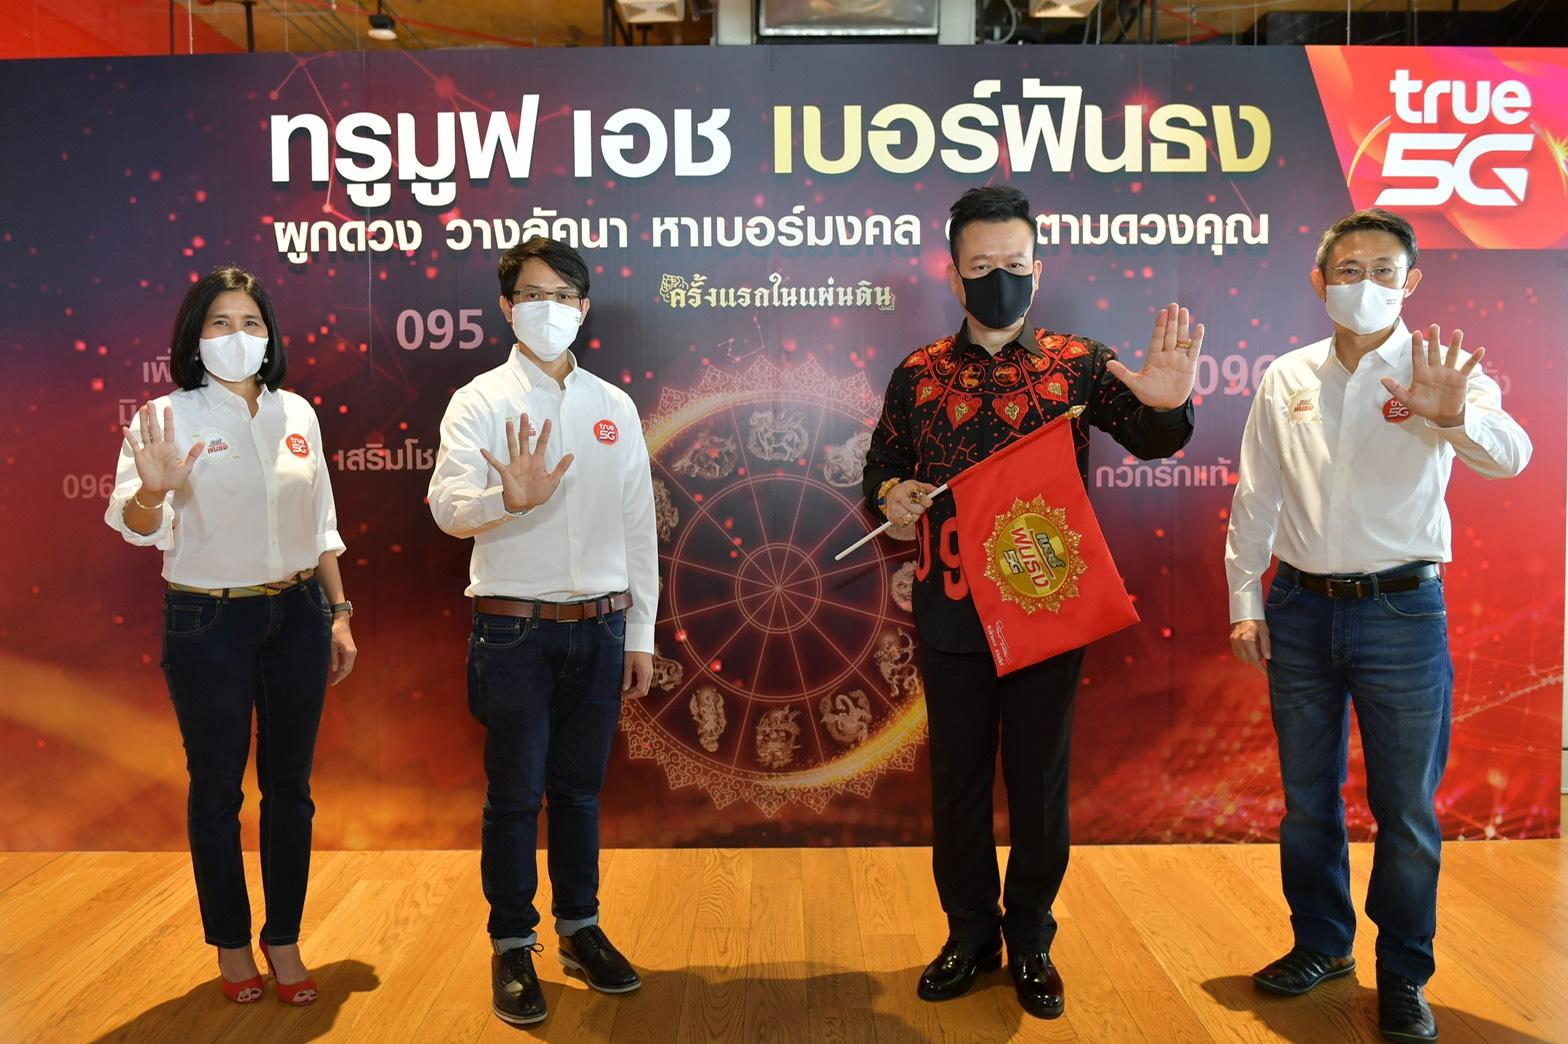 ทรูมูฟ เอช ร่วมกับอาจารย์ลักษณ์ ราชสีห์ โหรฟันธงชื่อดังของไทย เปิดตัว ซิม ทรูมูฟ เอช เบอร์ฟันธง !